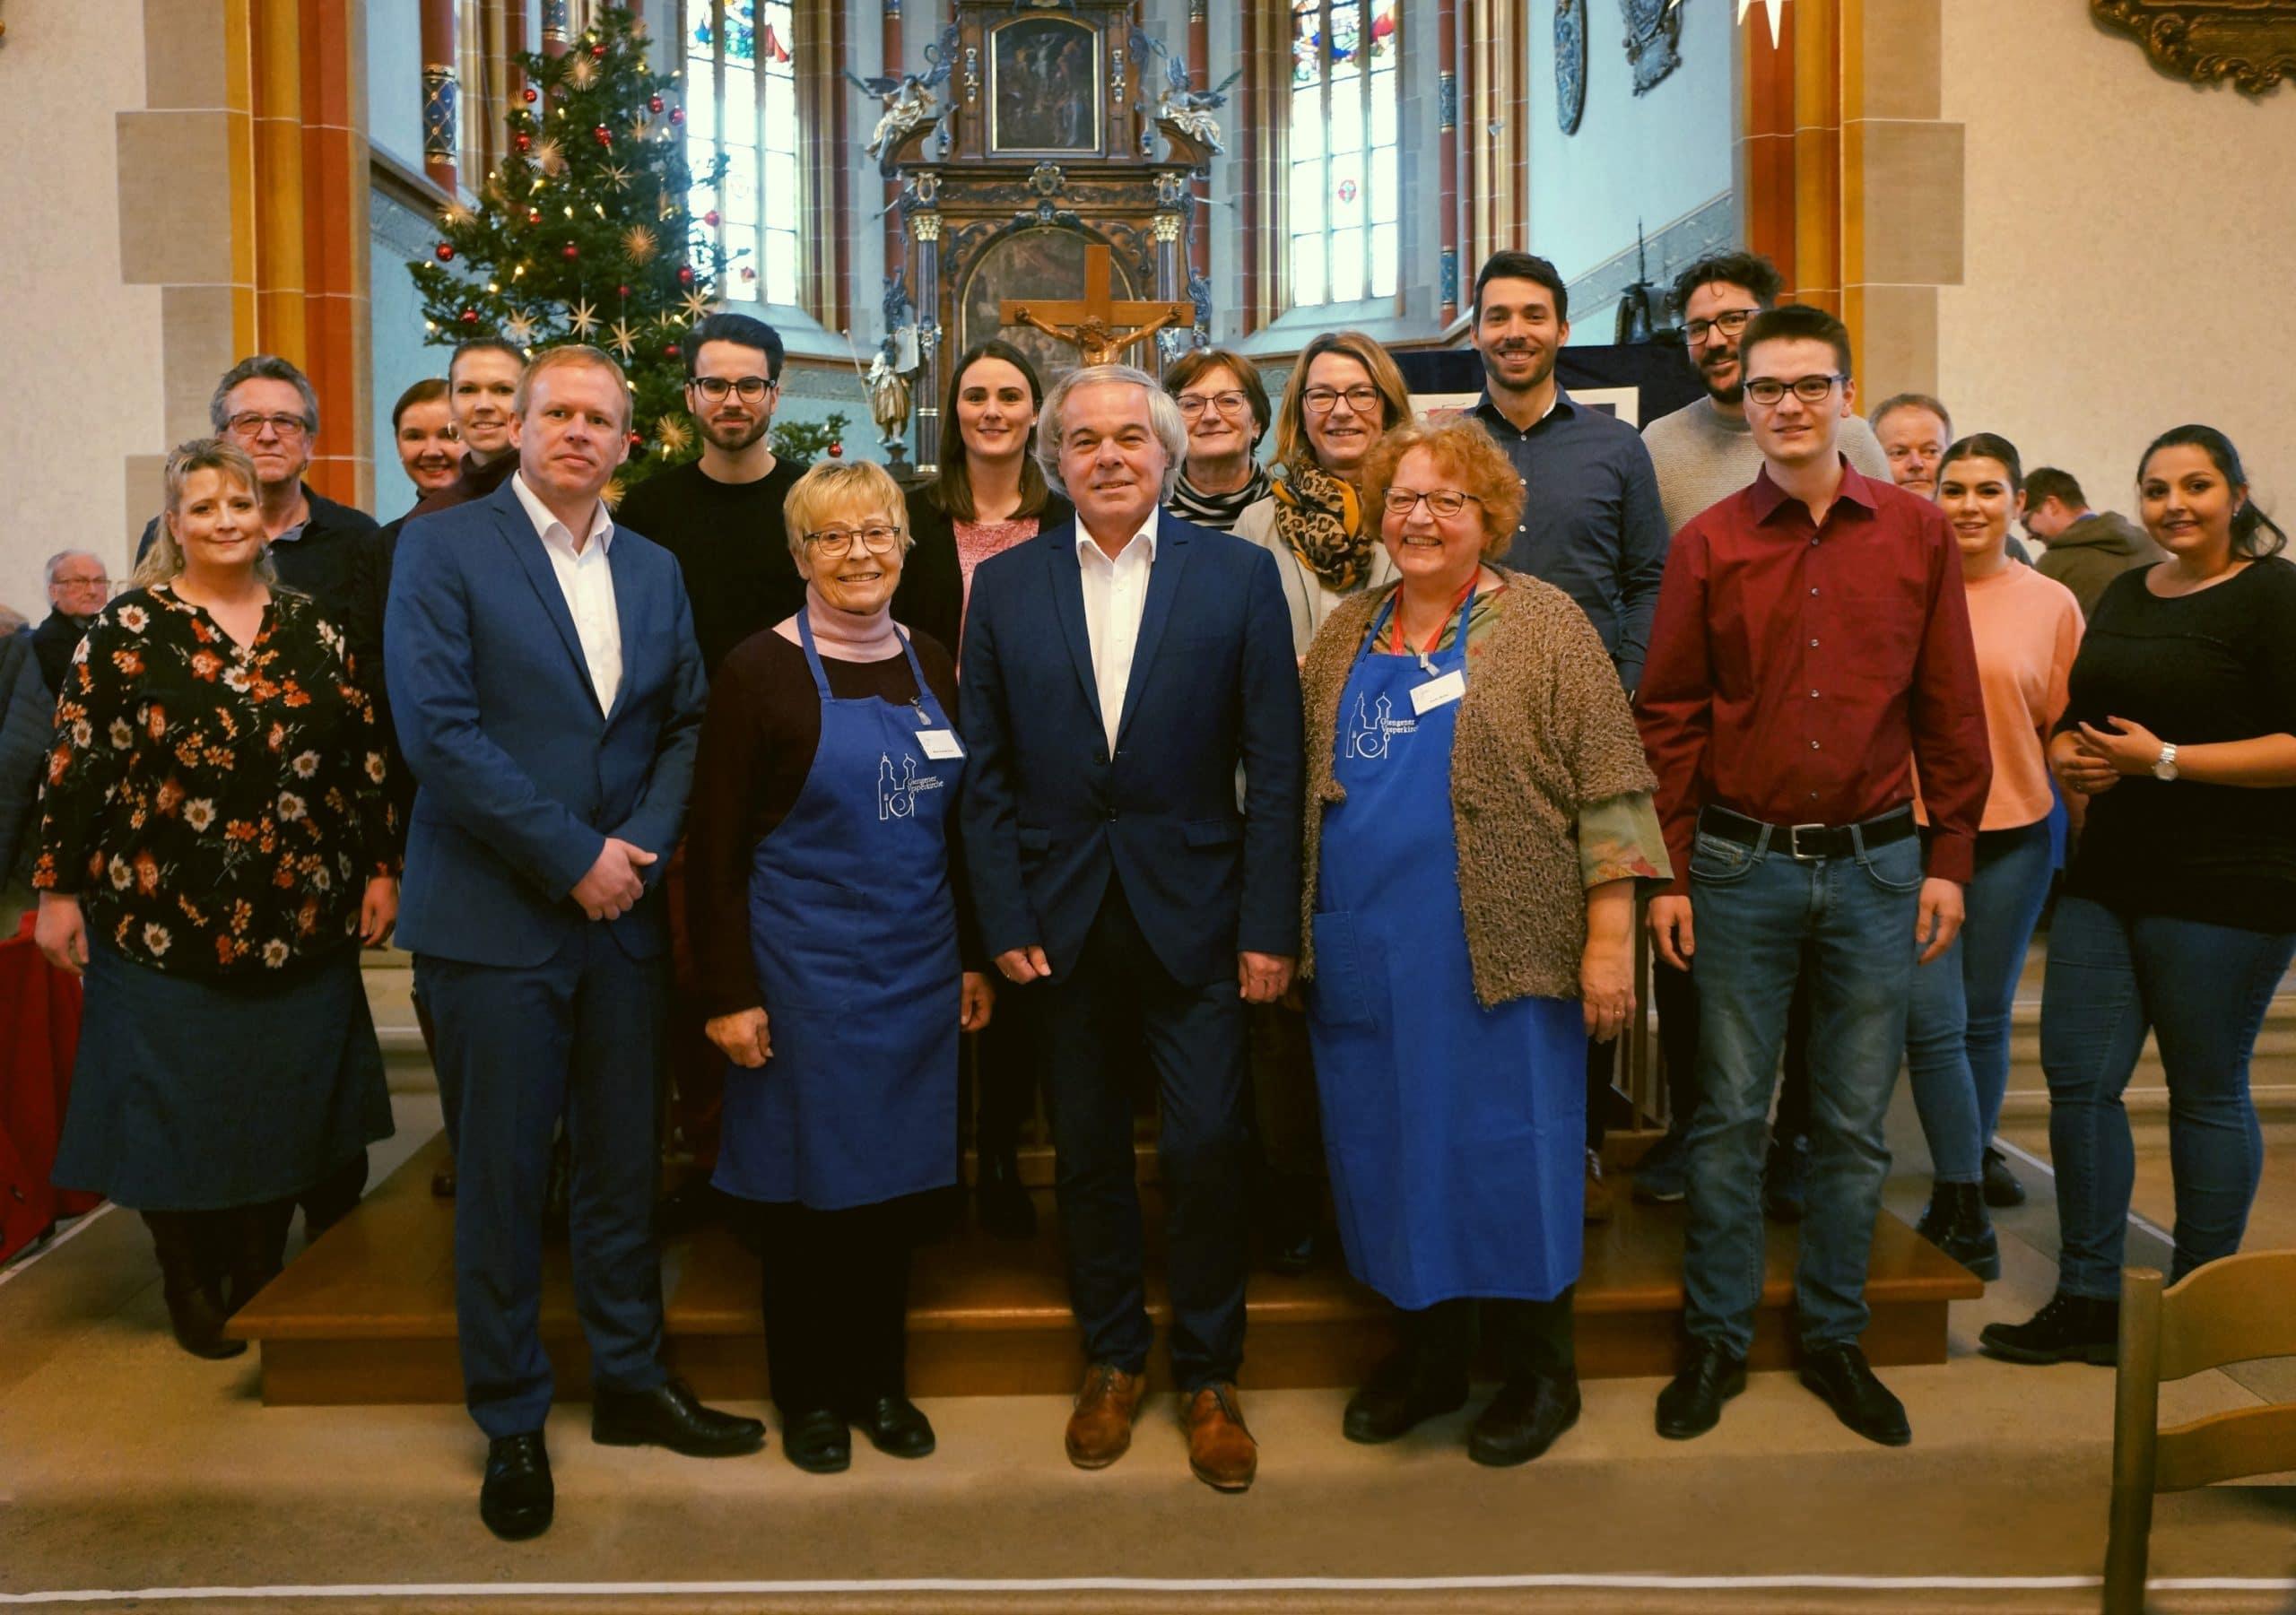 Kreisbau unterstützt Giengener Vesperkirche – Wohnungsunternehmen spendet erneut 1.000 Euro